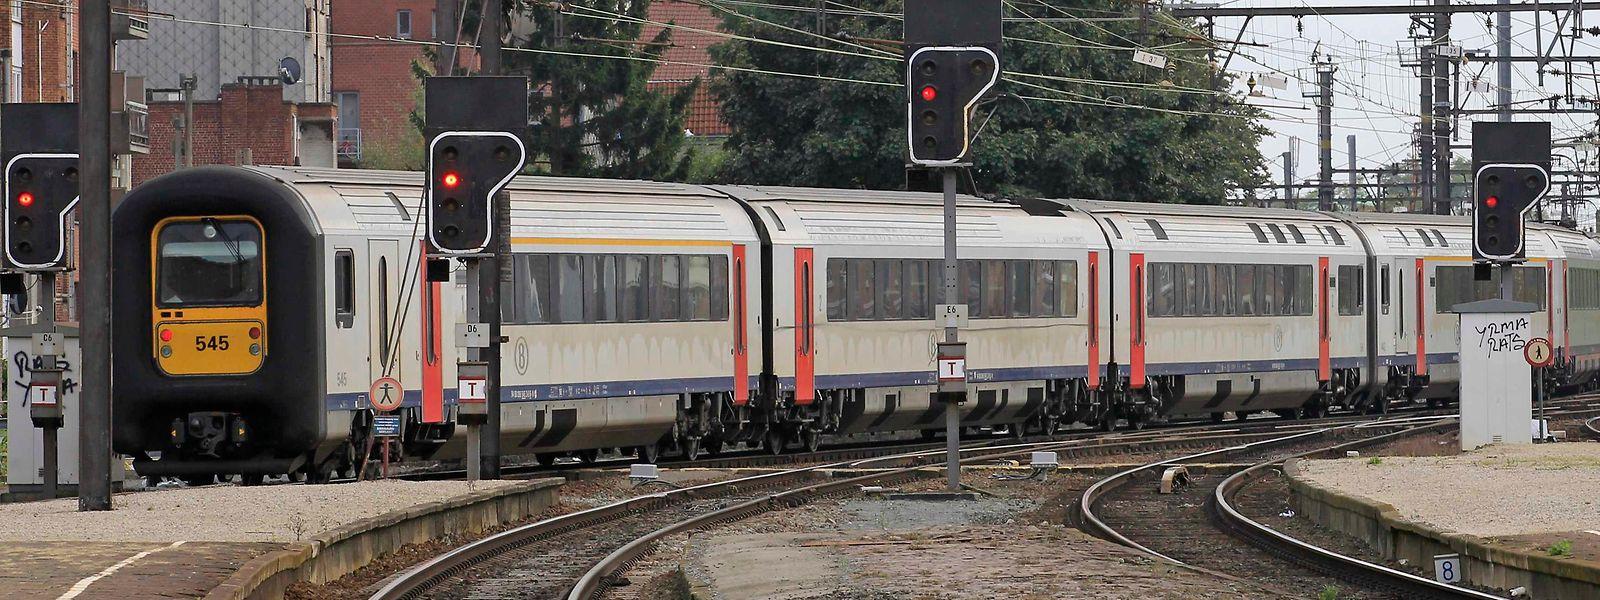 Entamés depuis 2007, les travaux de modernisation de la ligne Bruxelles-Luxembourg dureront encore plusieurs années, confirme mardi François Bausch.